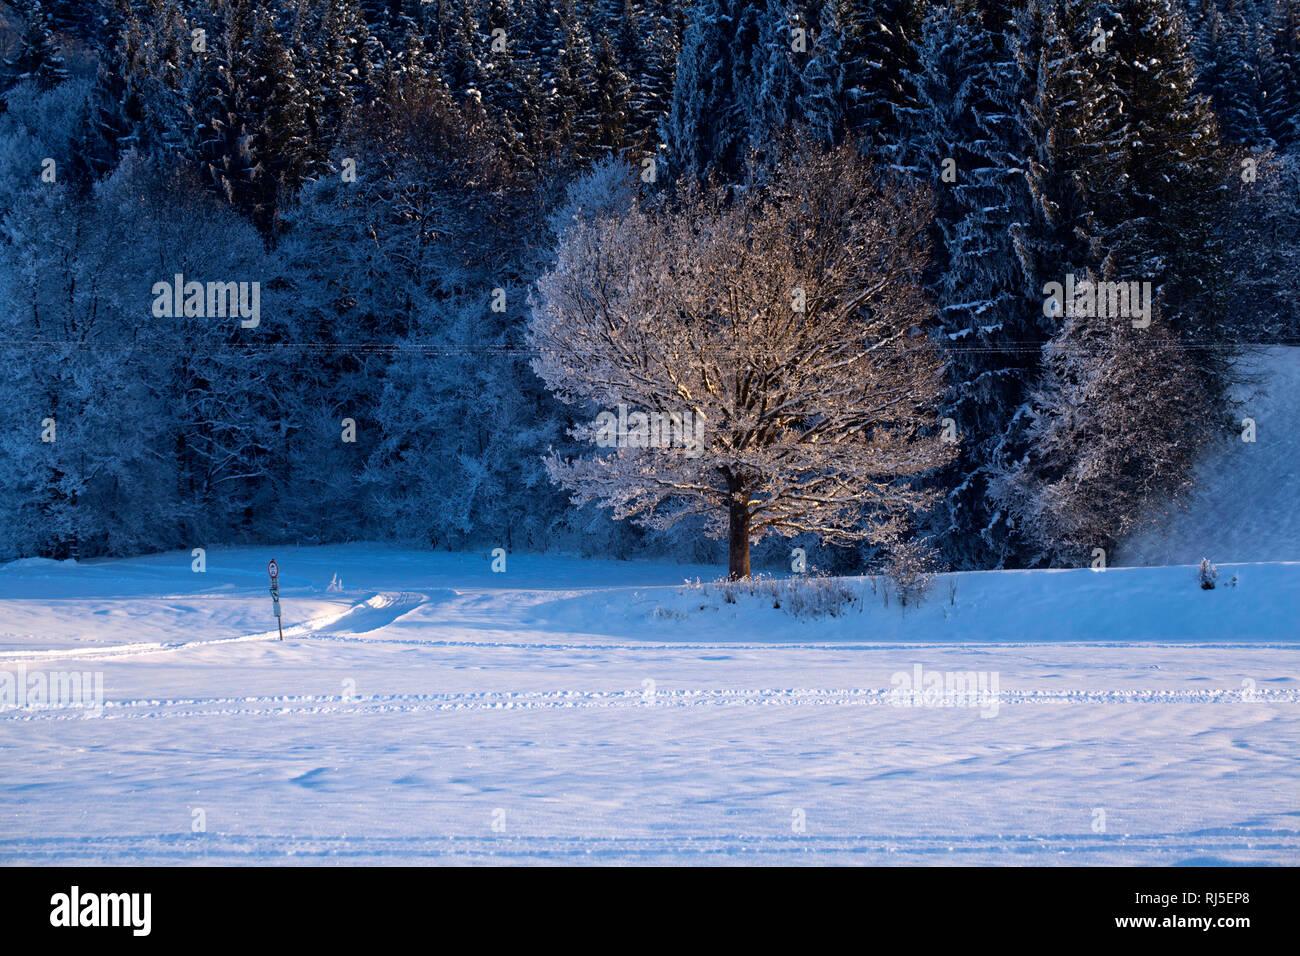 Winterbaum am Waldrand im Abendlicht Stock Photo